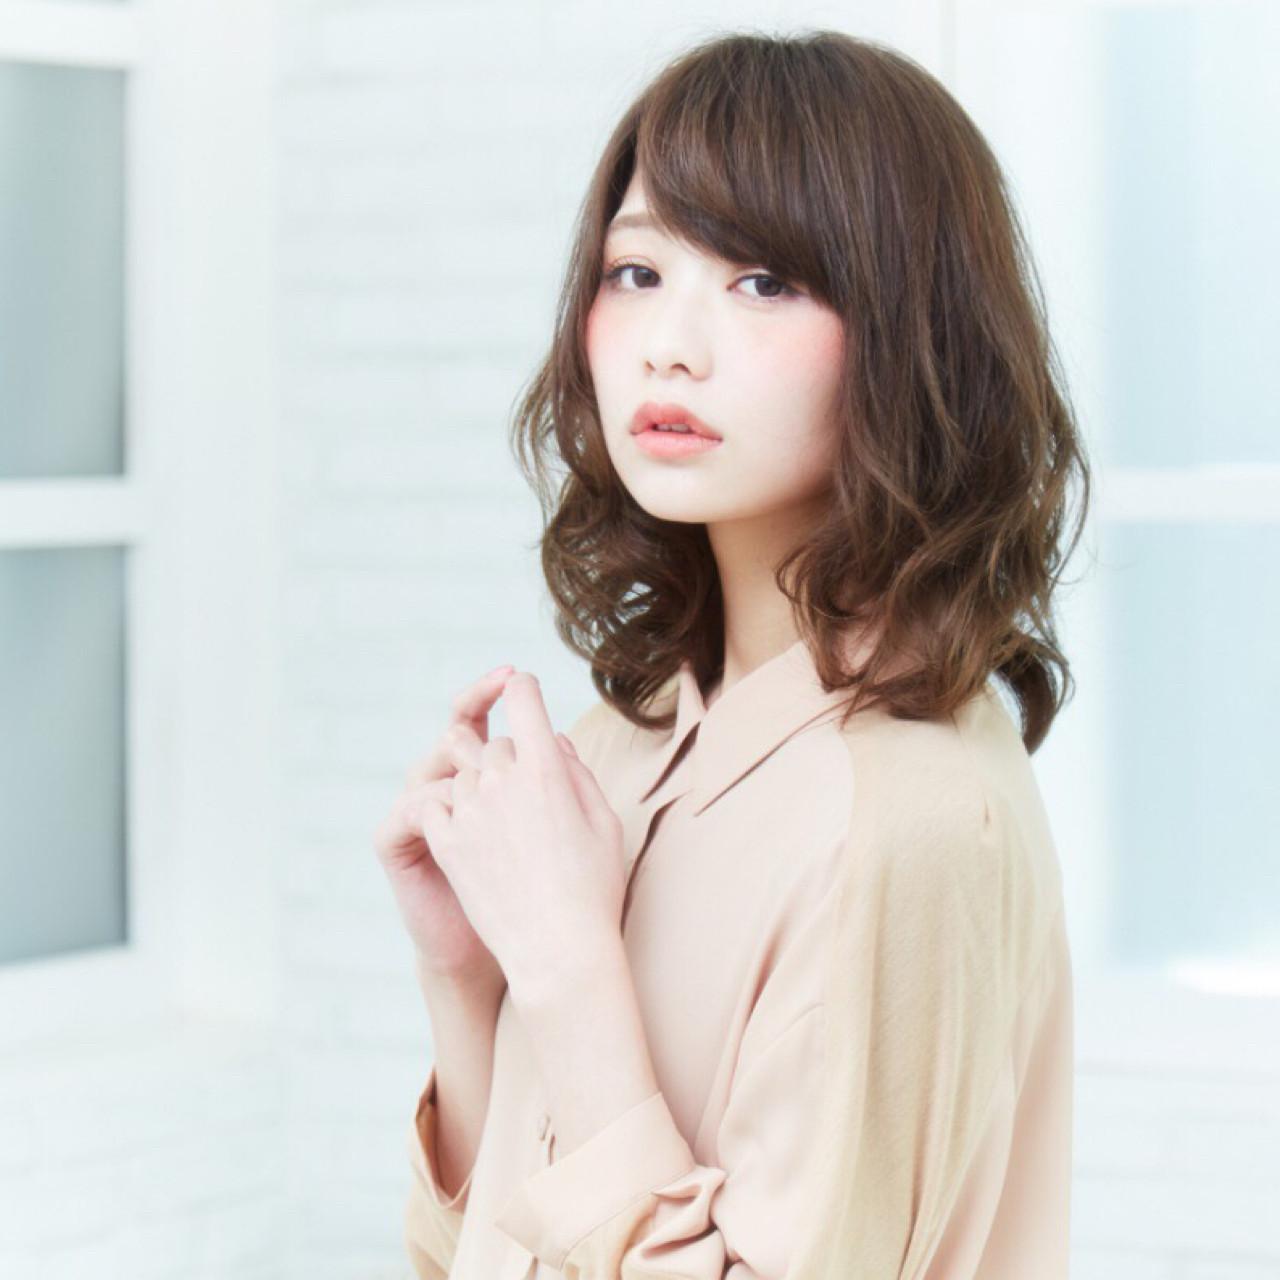 女子のモテる髪型はずばりミディアムレイヤー♡人気のヒケツに迫ります! 斉藤 弘旭